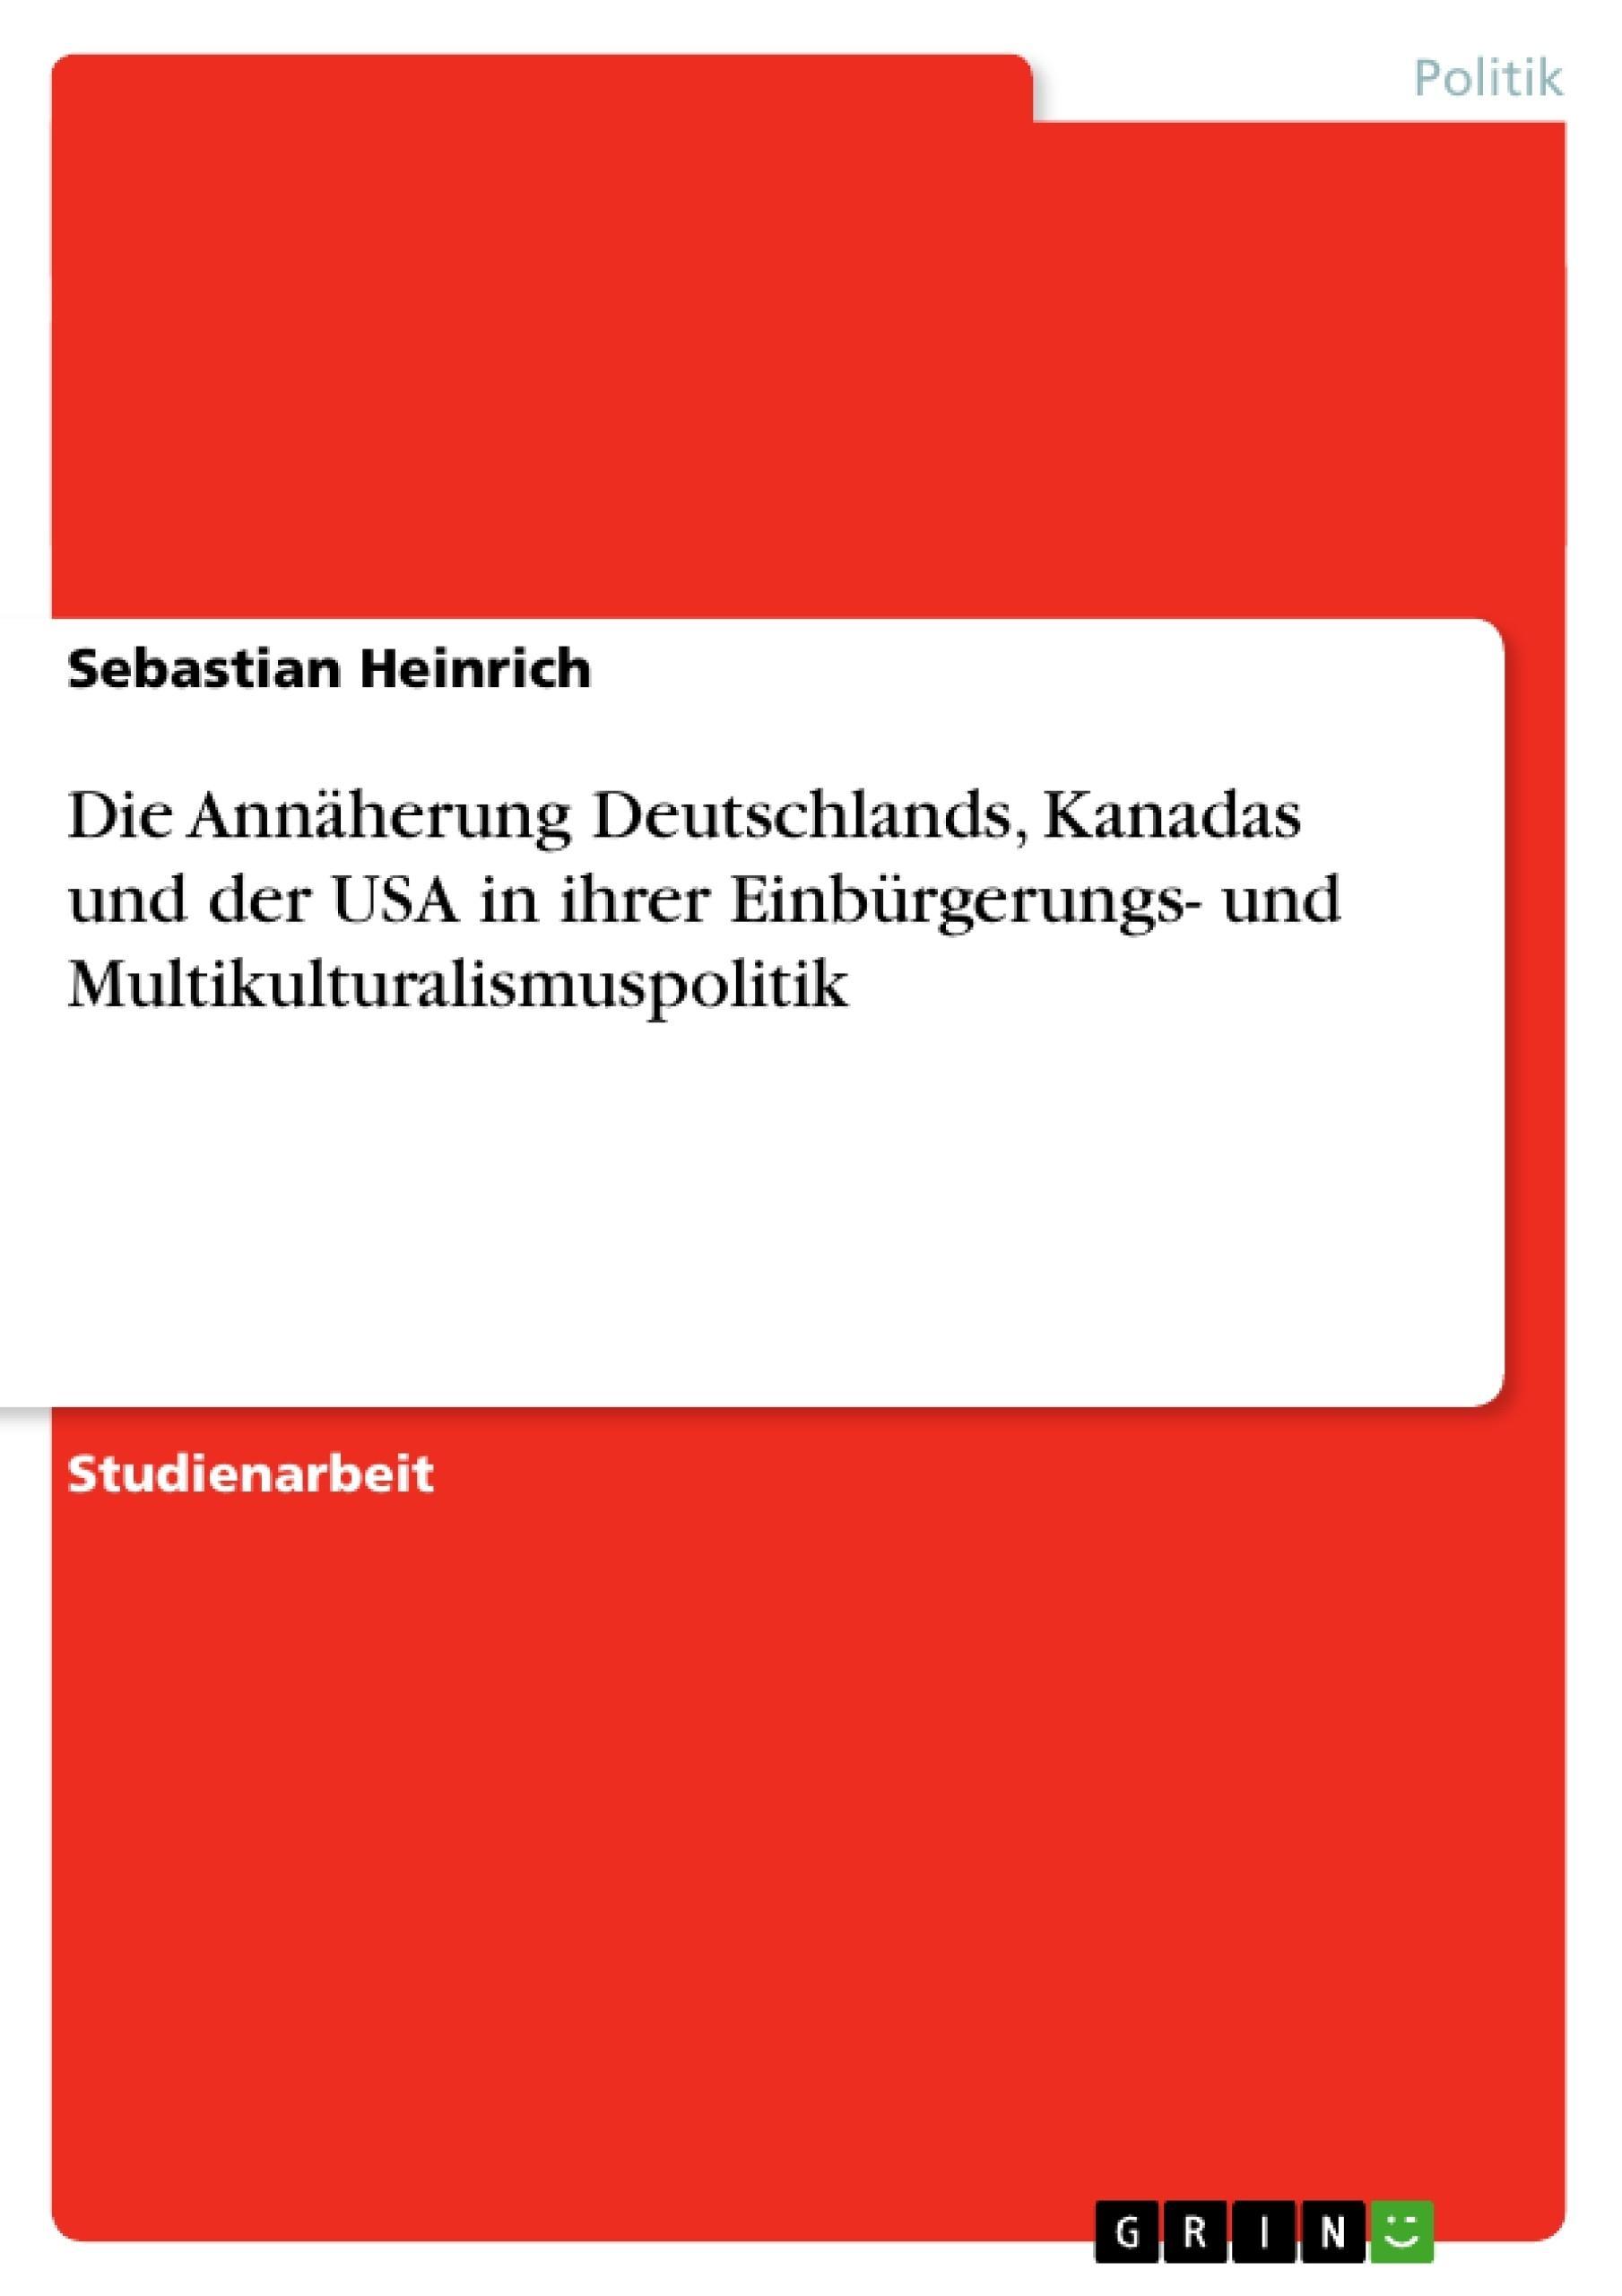 Titel: Die Annäherung Deutschlands, Kanadas und der USA in ihrer Einbürgerungs- und Multikulturalismuspolitik